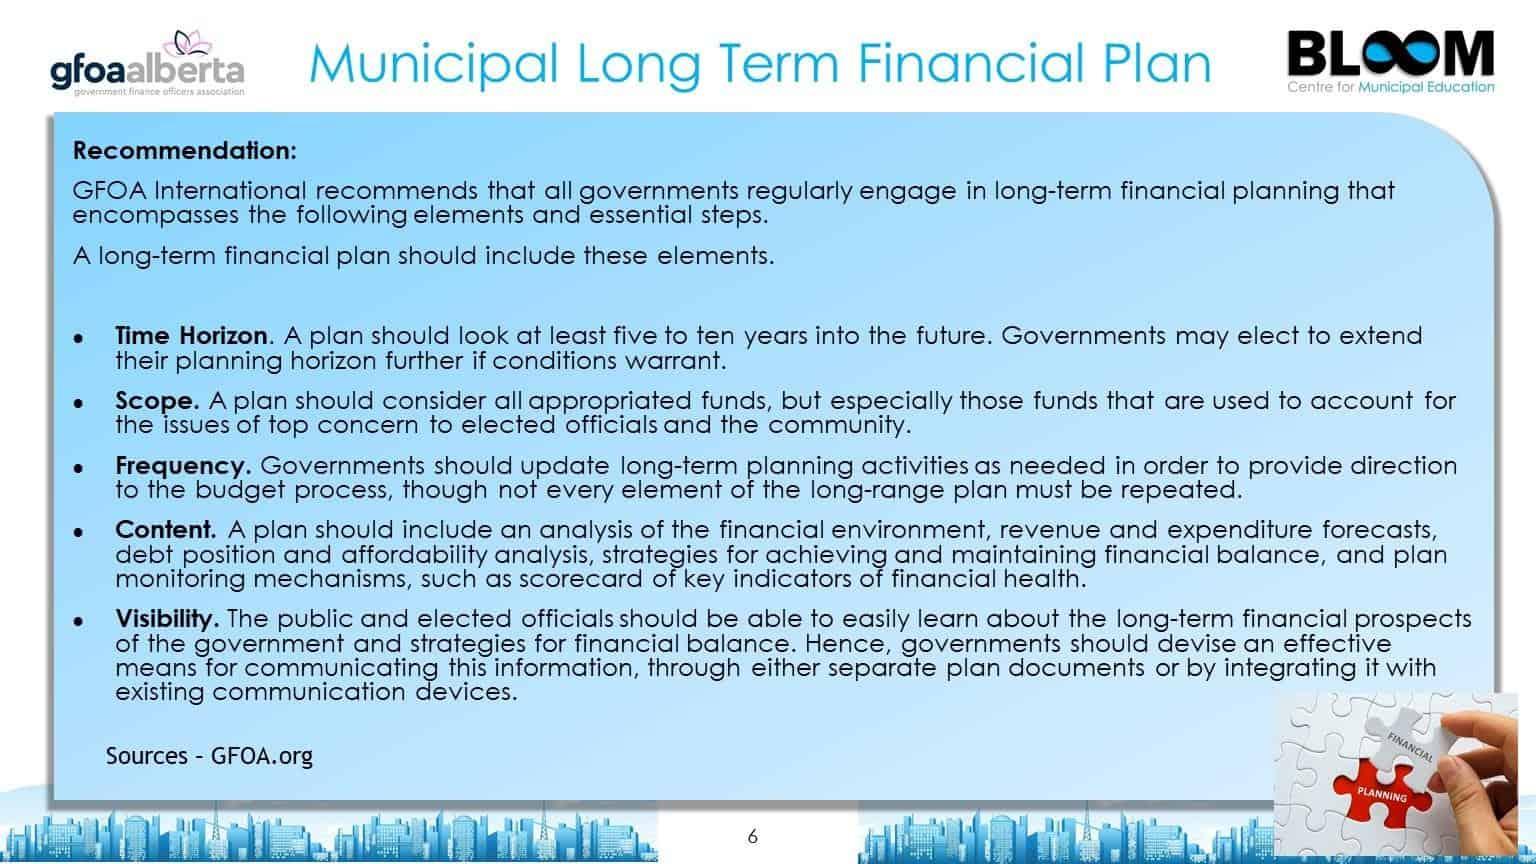 Municipal long term financial plan